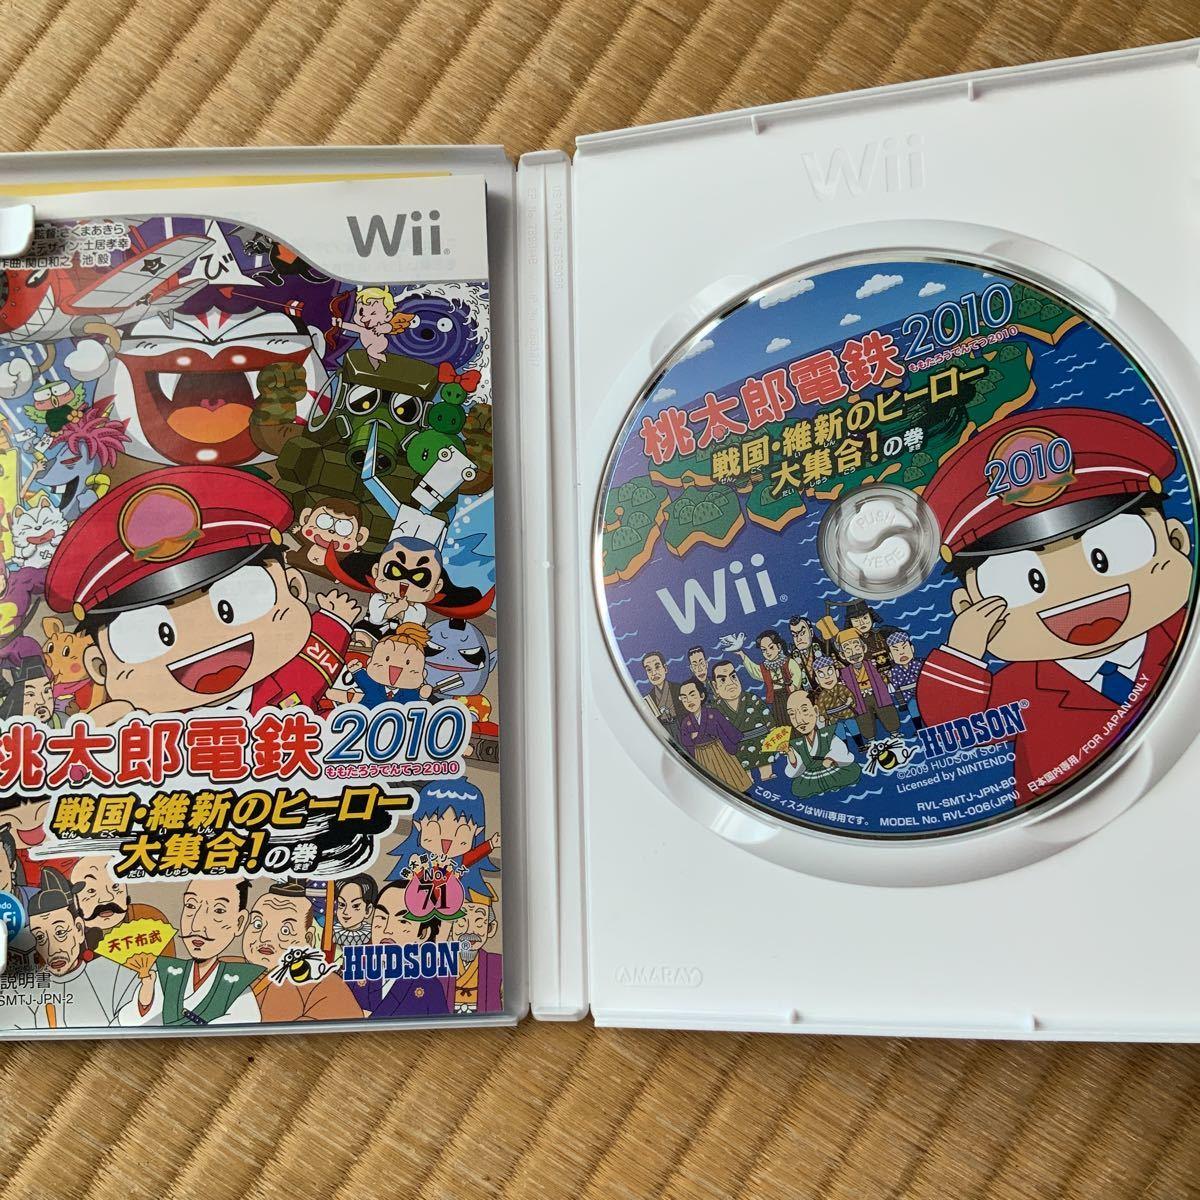 桃太郎電鉄2010 戦国・維新のヒーロー大集合!の巻 Wii_画像3